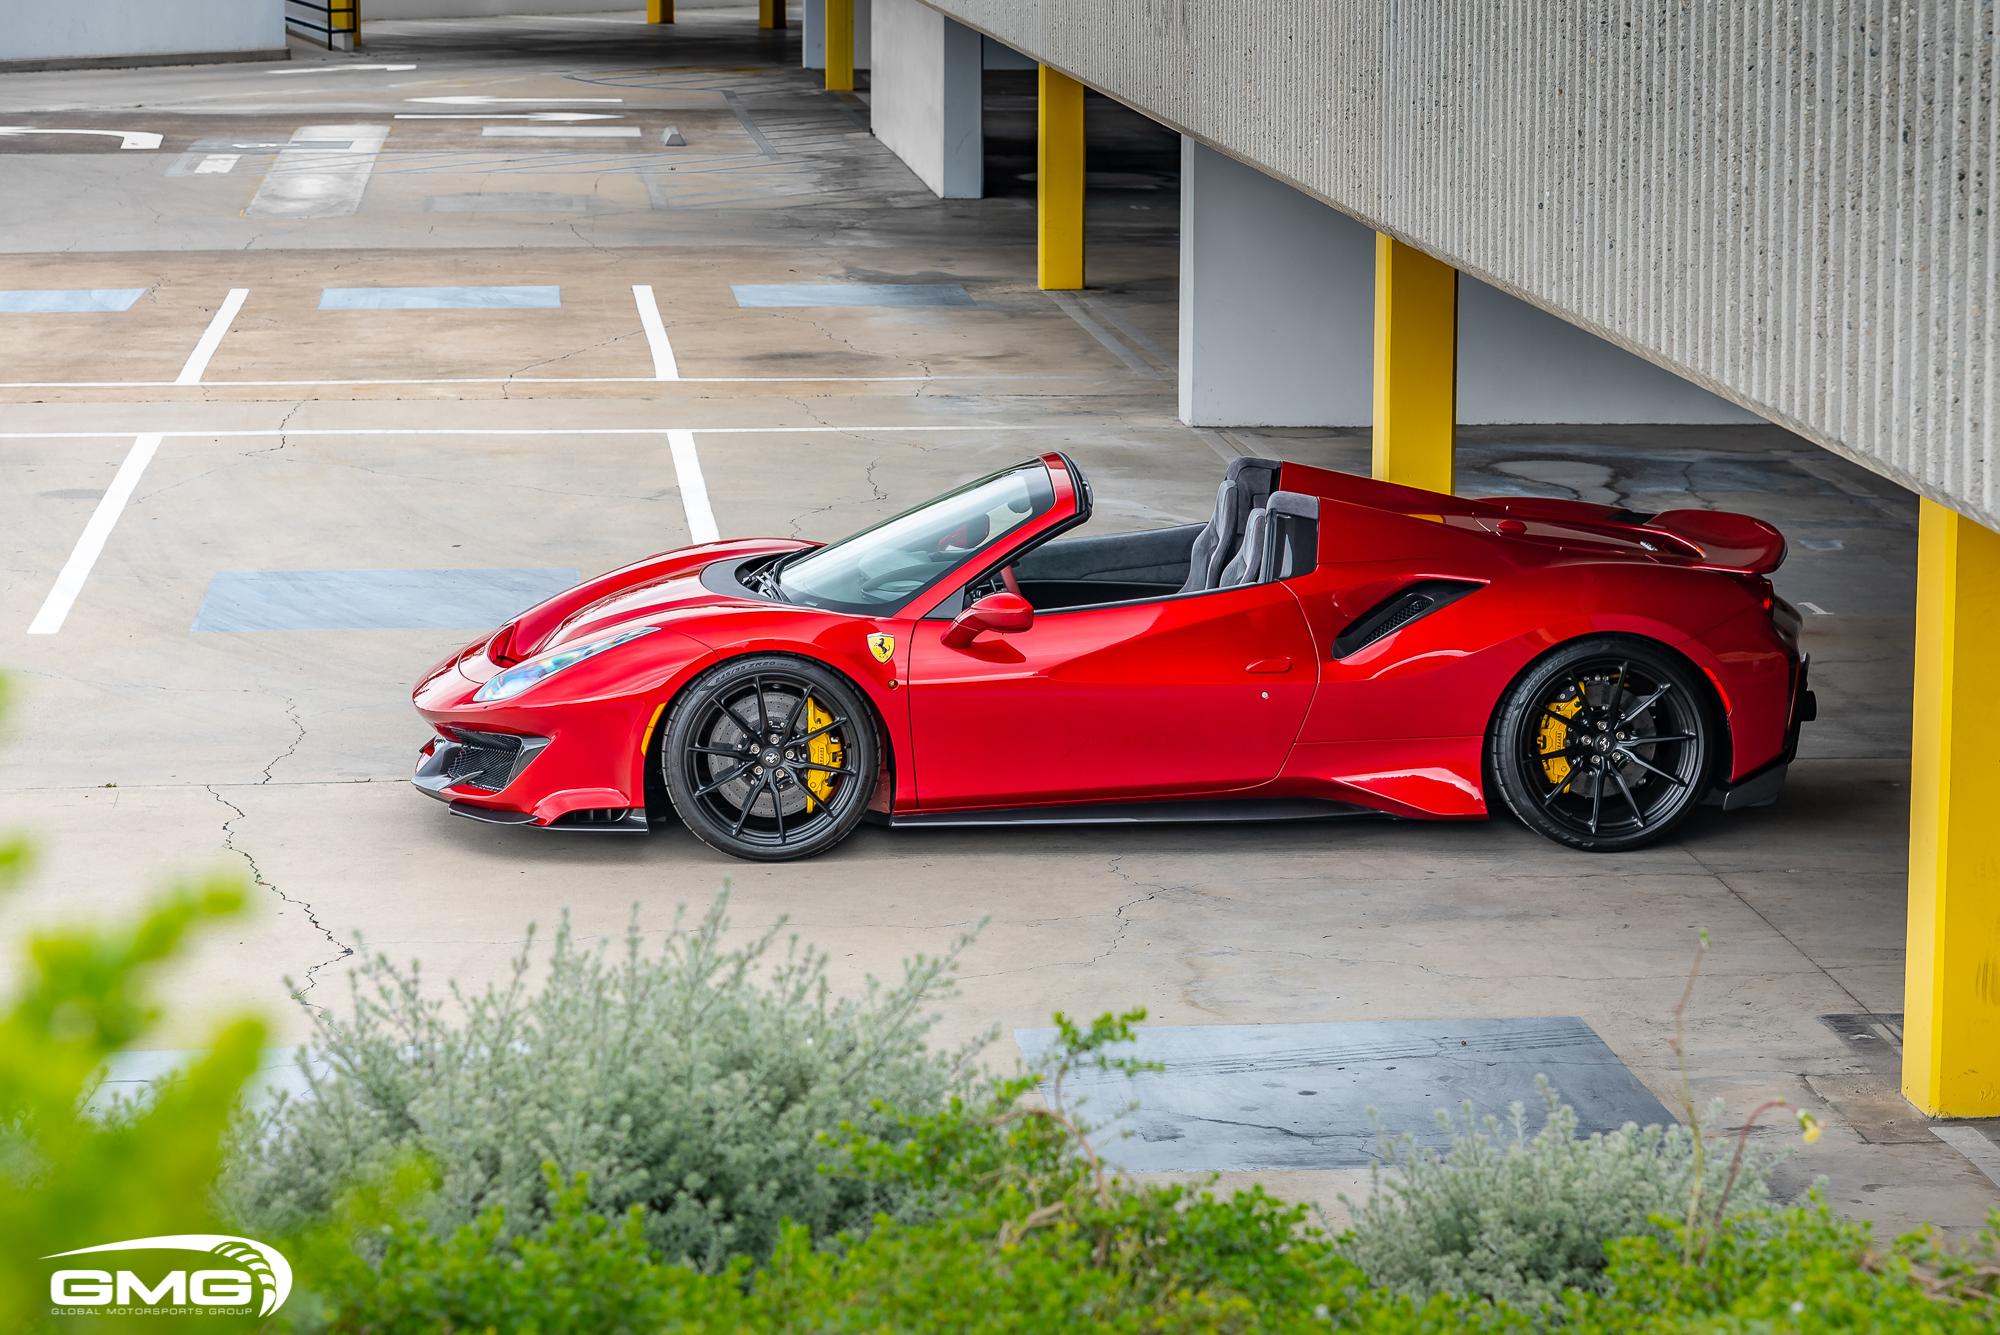 Rosso Fuoco Ferrari 488 Pista Spider Gmg Racing